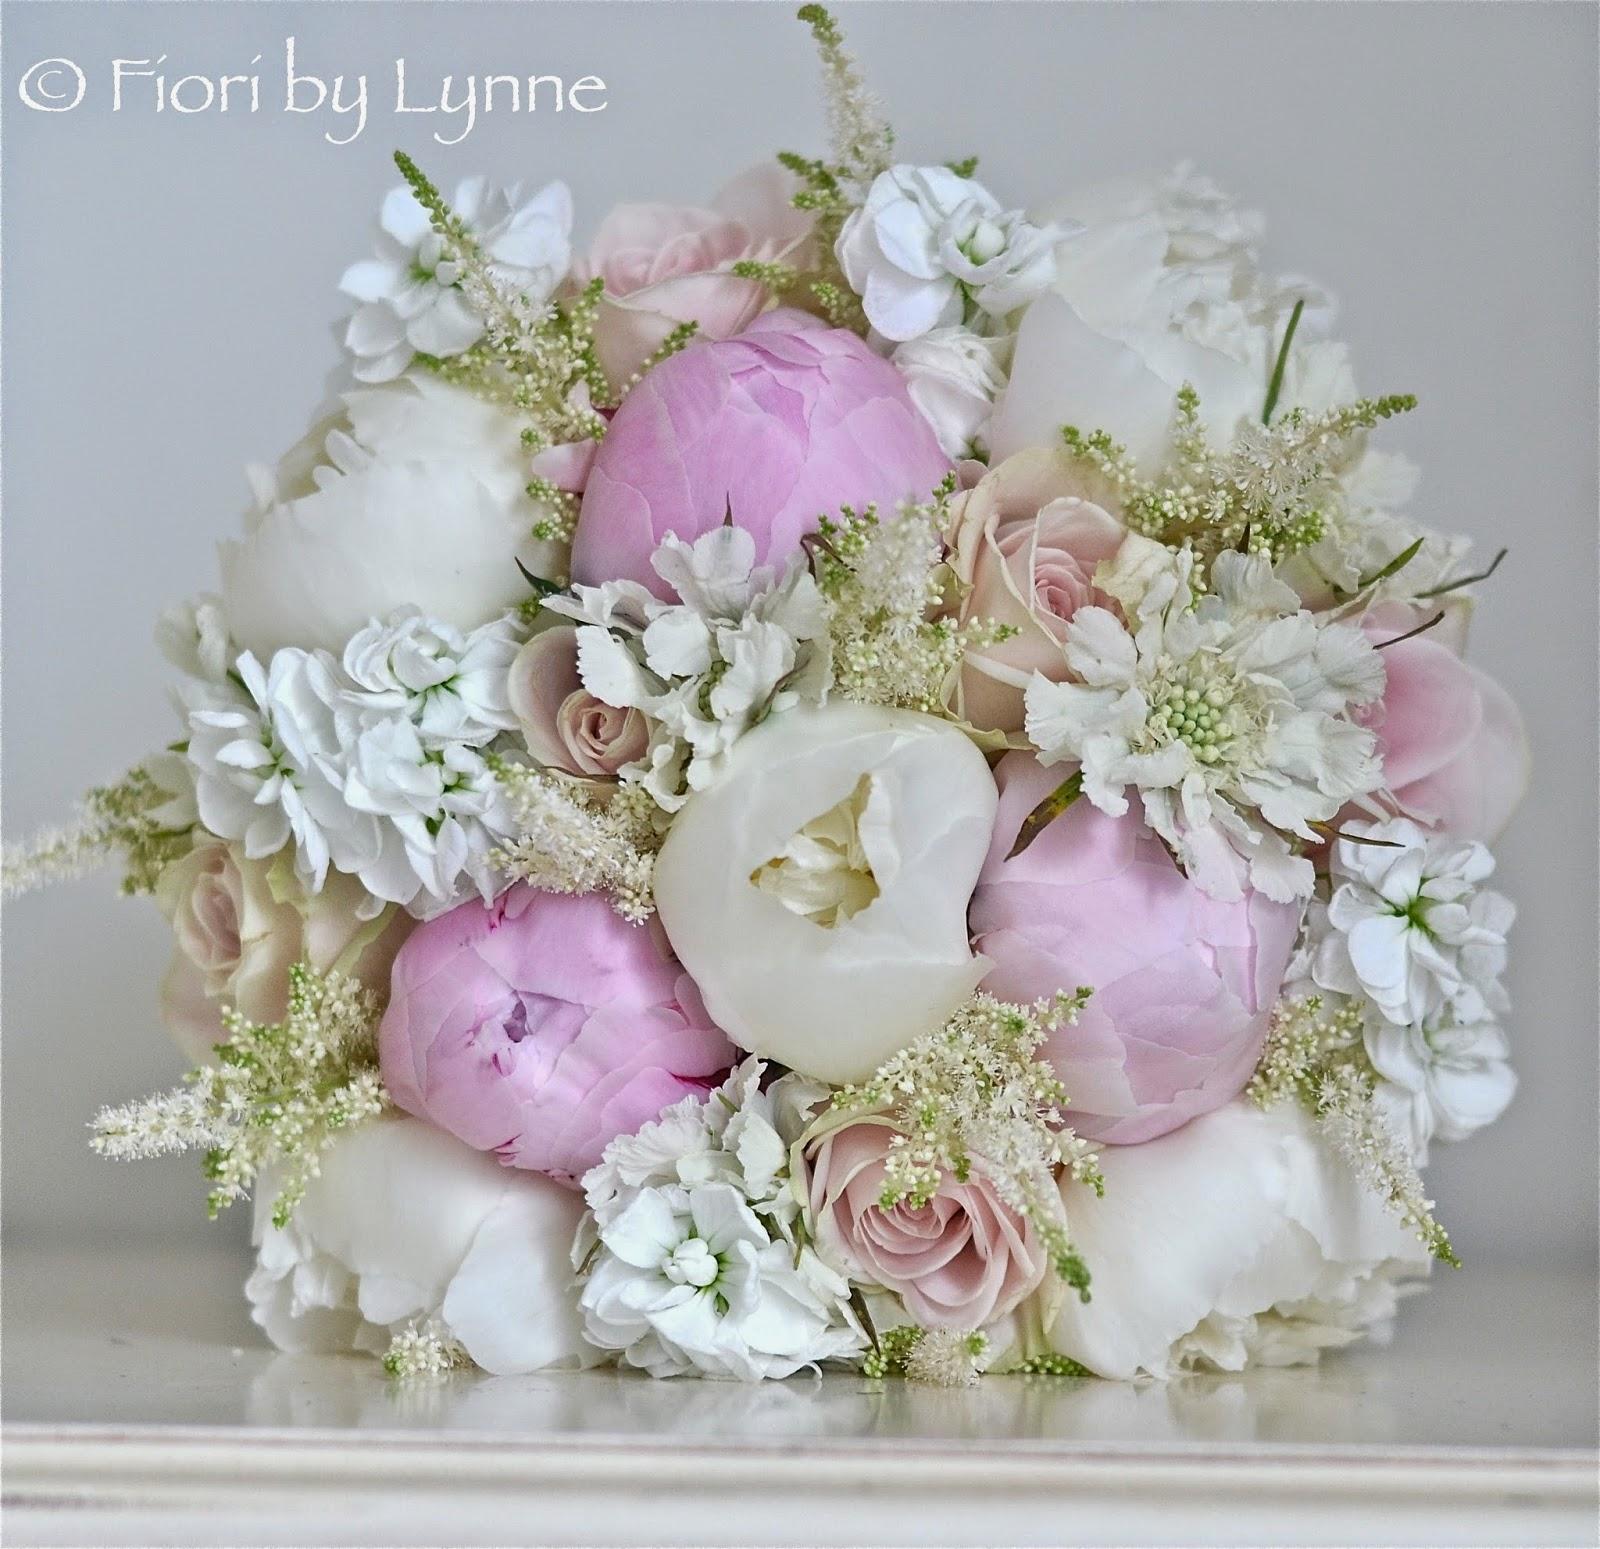 June Wedding Flowers: Wedding Flowers Blog: Rachel's Romantic, June Wedding